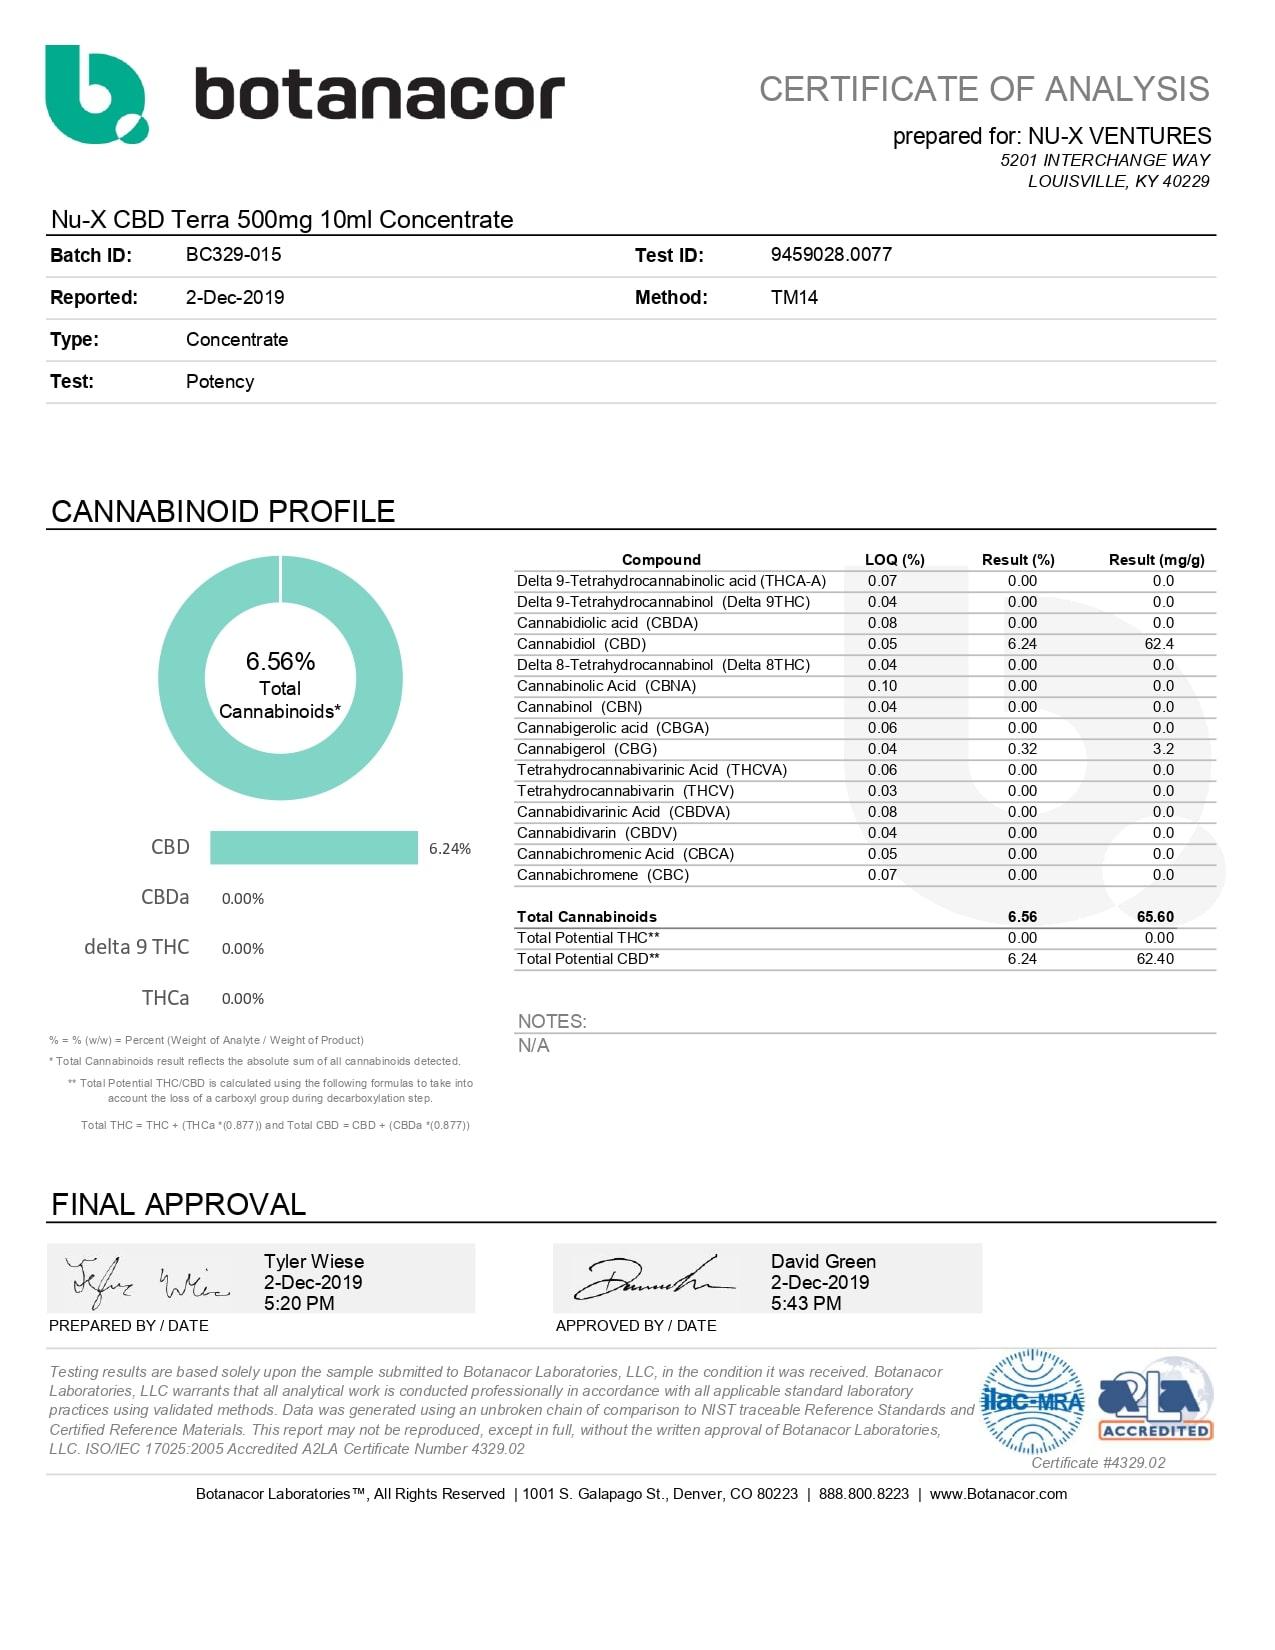 NU-X CBD eLiquid Concentrate Lab Report | Sativa AC/DC - Terra 500mg